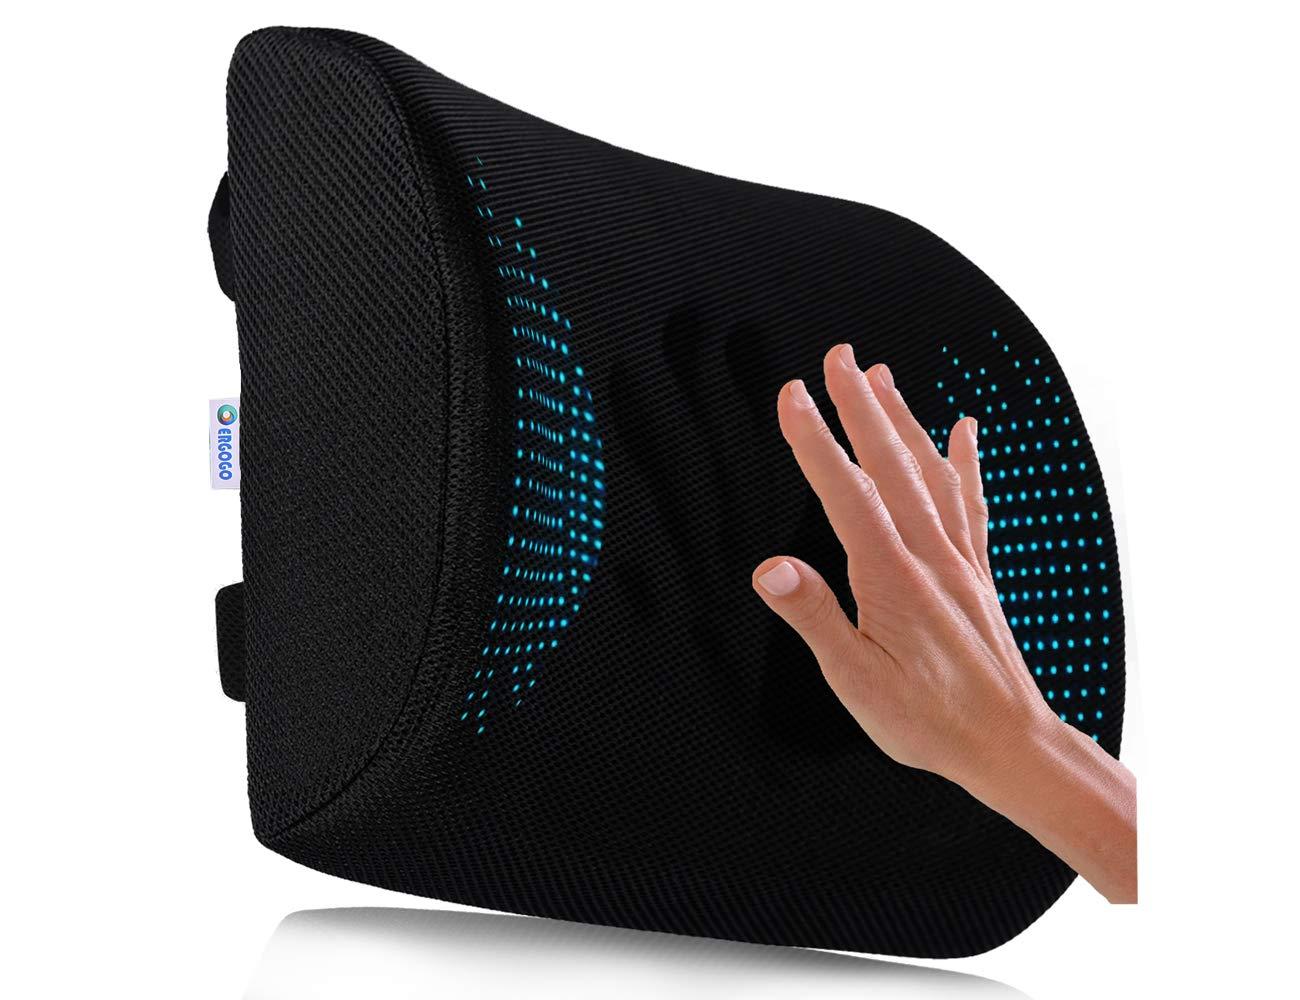 Memory Foam Lumbar Support Pillow for Chair - Travel Back Pillow for Office Chair, Back Support for Car - Back Support for Office Chair - Office Chair Back Support Lumbar Pillow – Back Lumbar Cushion